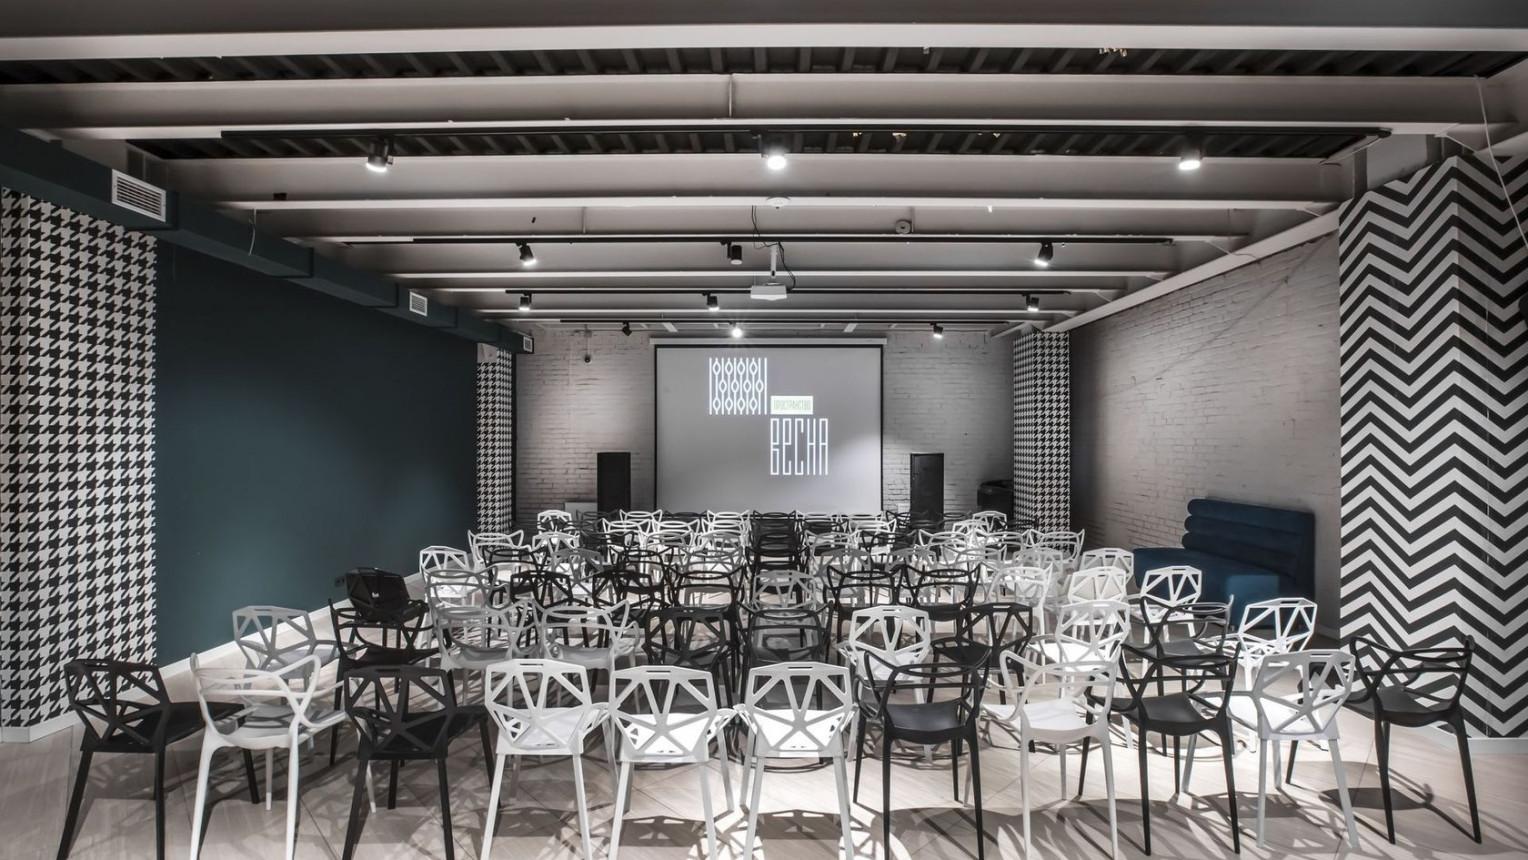 Зеленый зал для конференций, праздников, банкетов - фото №1